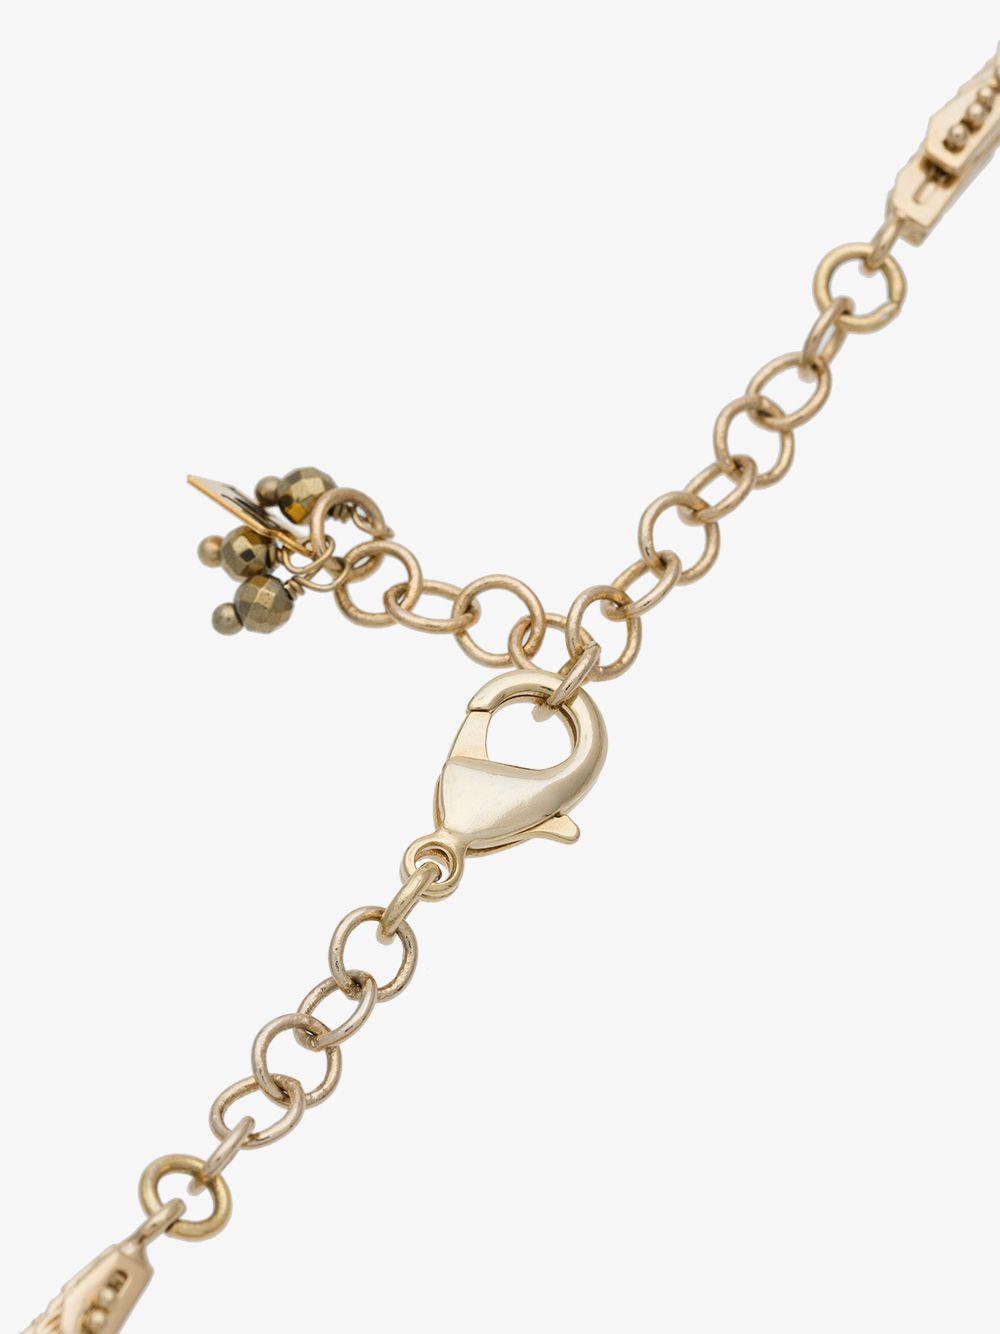 Rosantica Metallic Volutta Short Rope Necklace